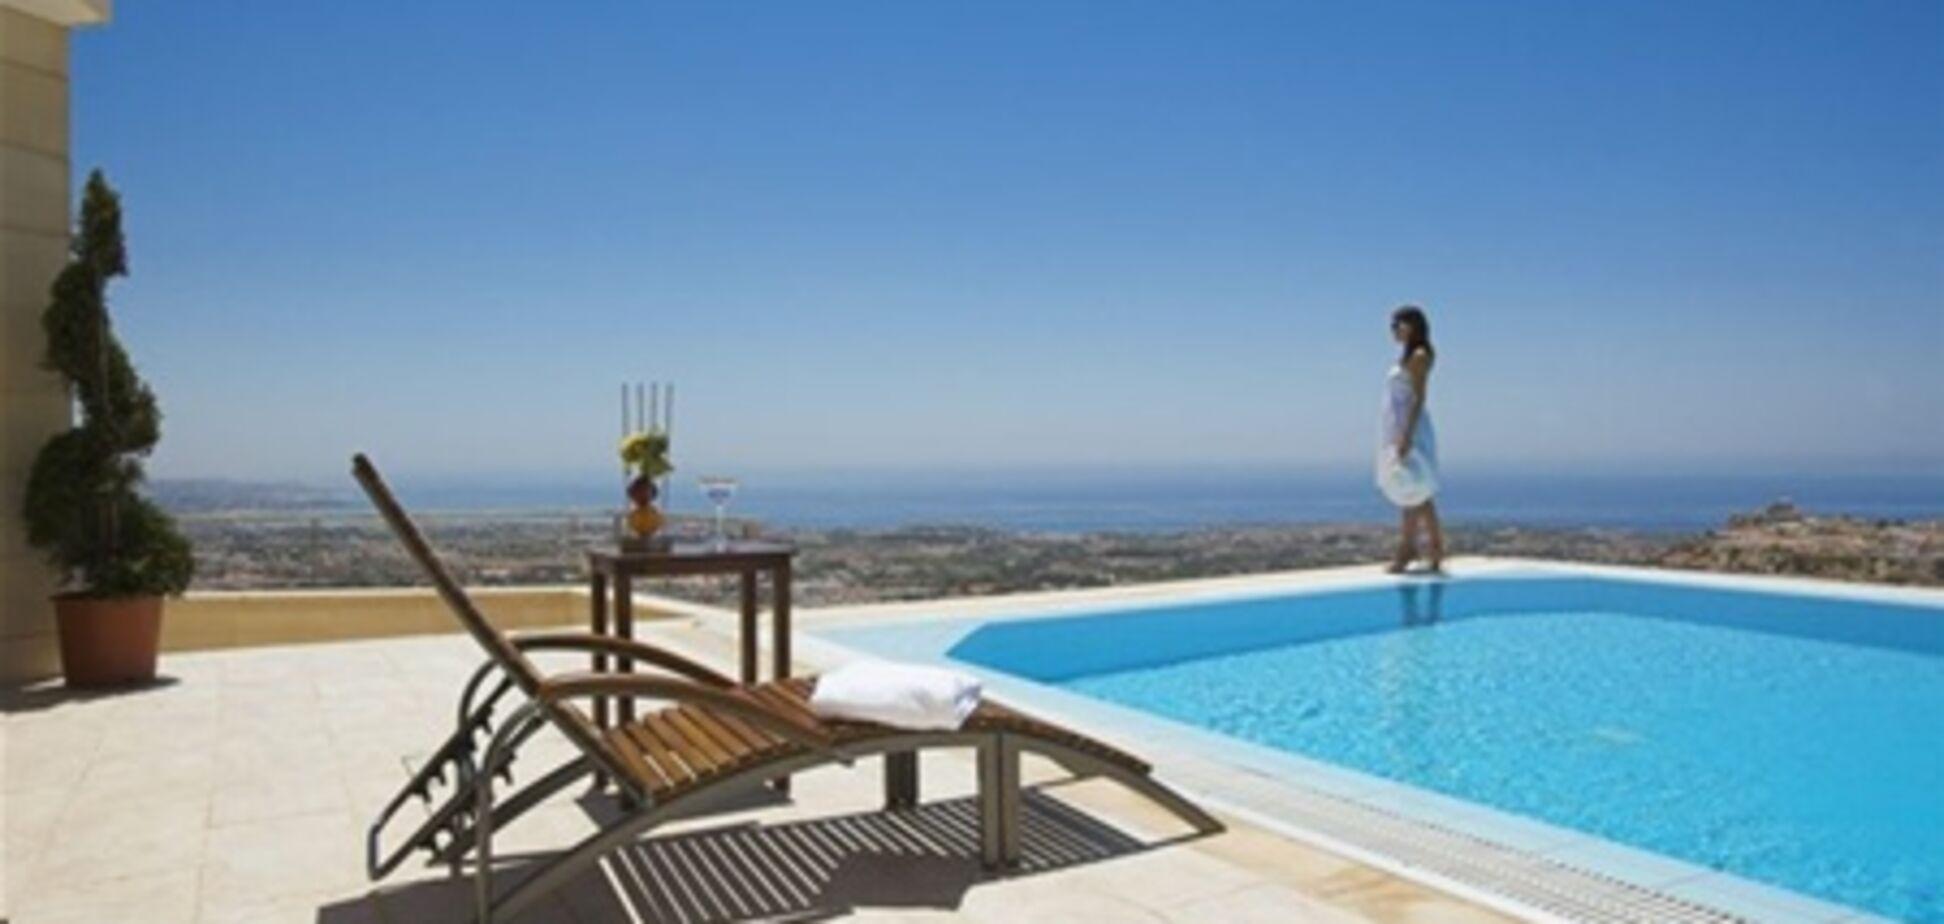 Жизнь на Кипре - жизнь с привилегиями